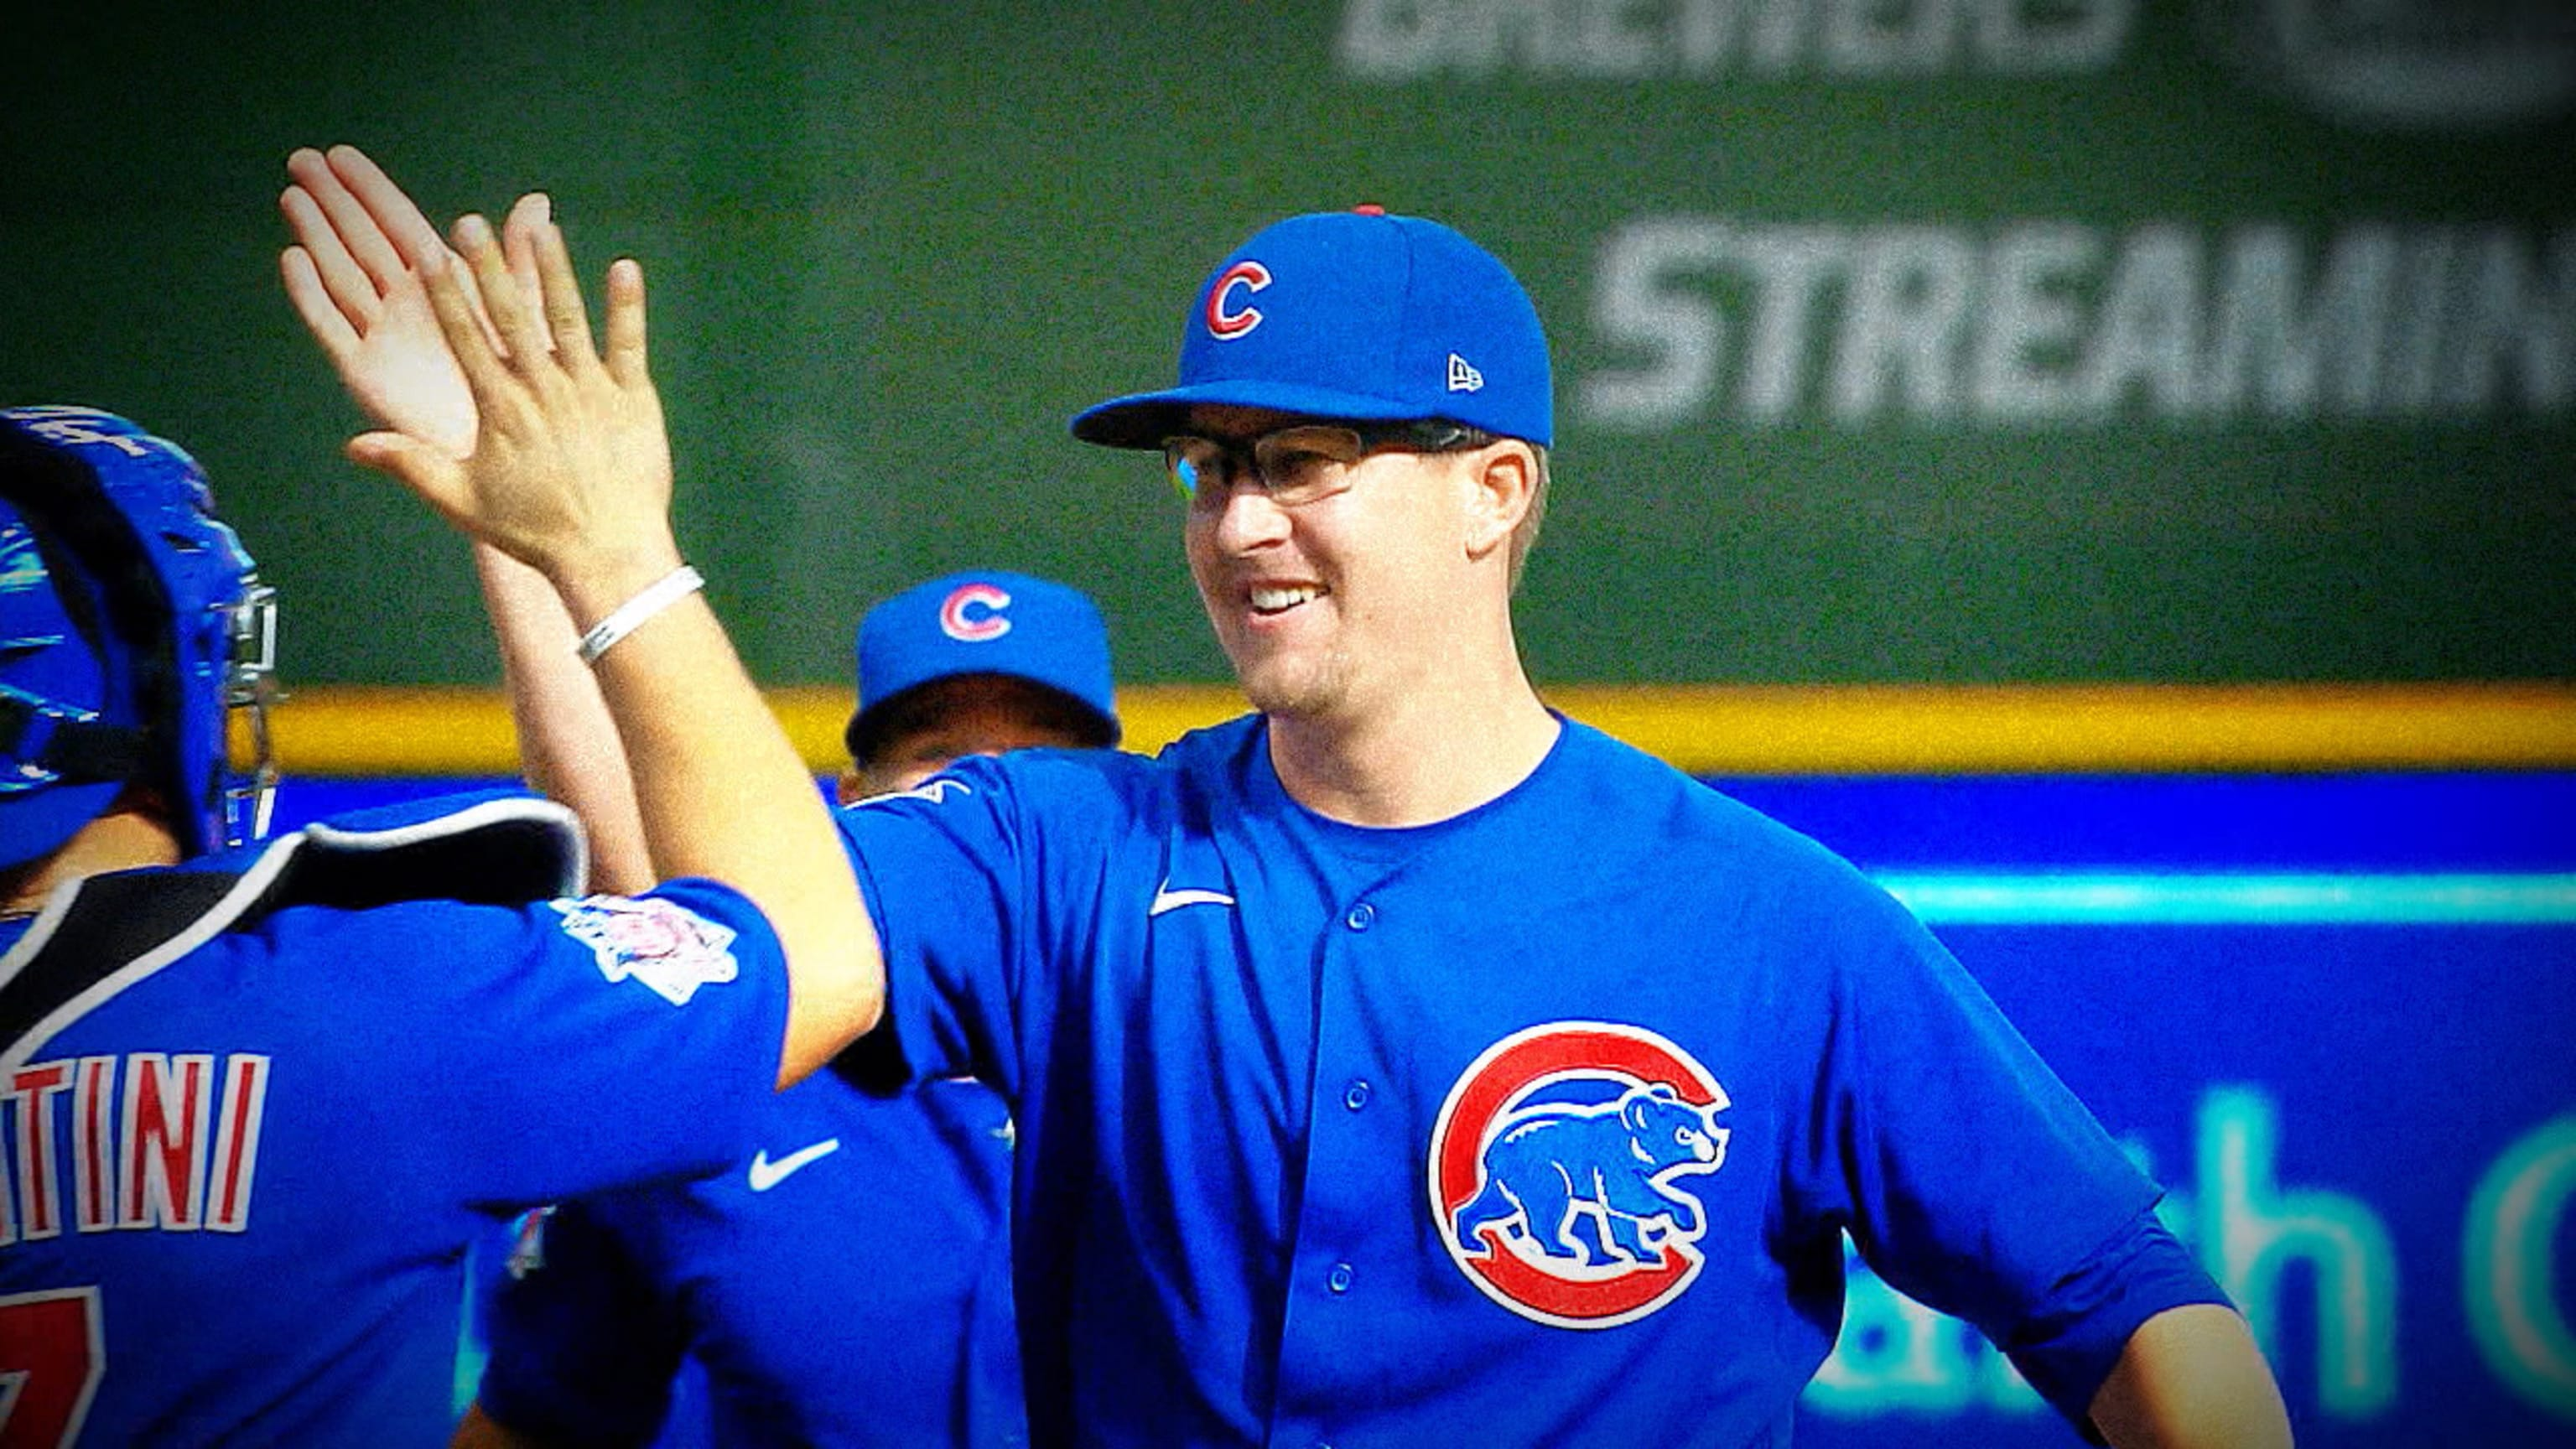 Alec Mills firma no-hitter en la paliza de Cubs a Brewers